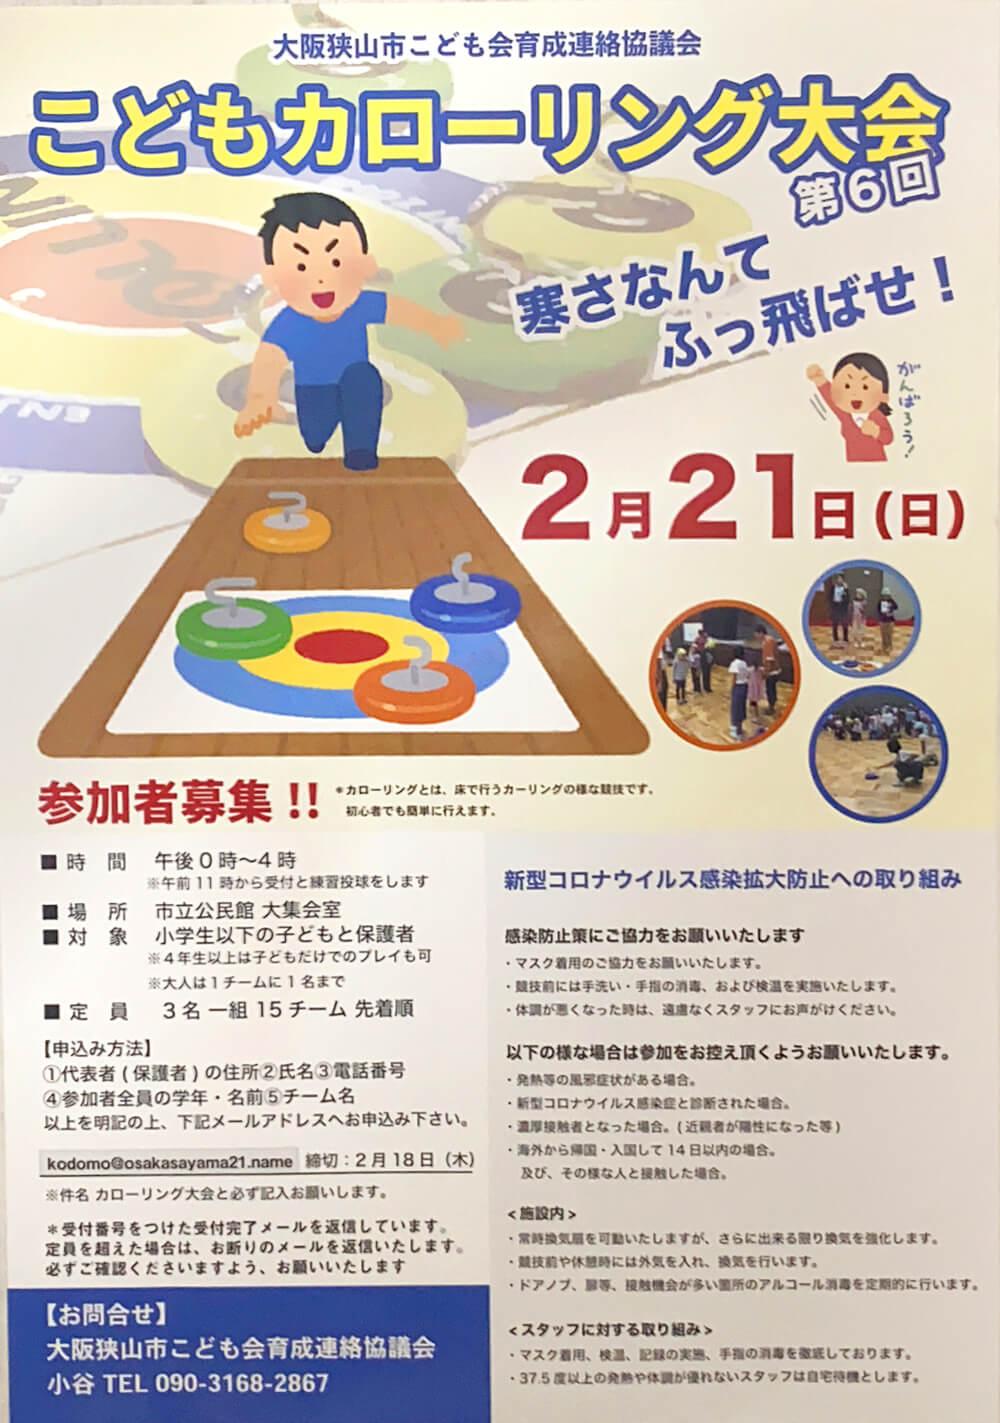 【参加者募集】「第6回こどもカローリング大会」が市立公民館で2021年2月21日に開催されます